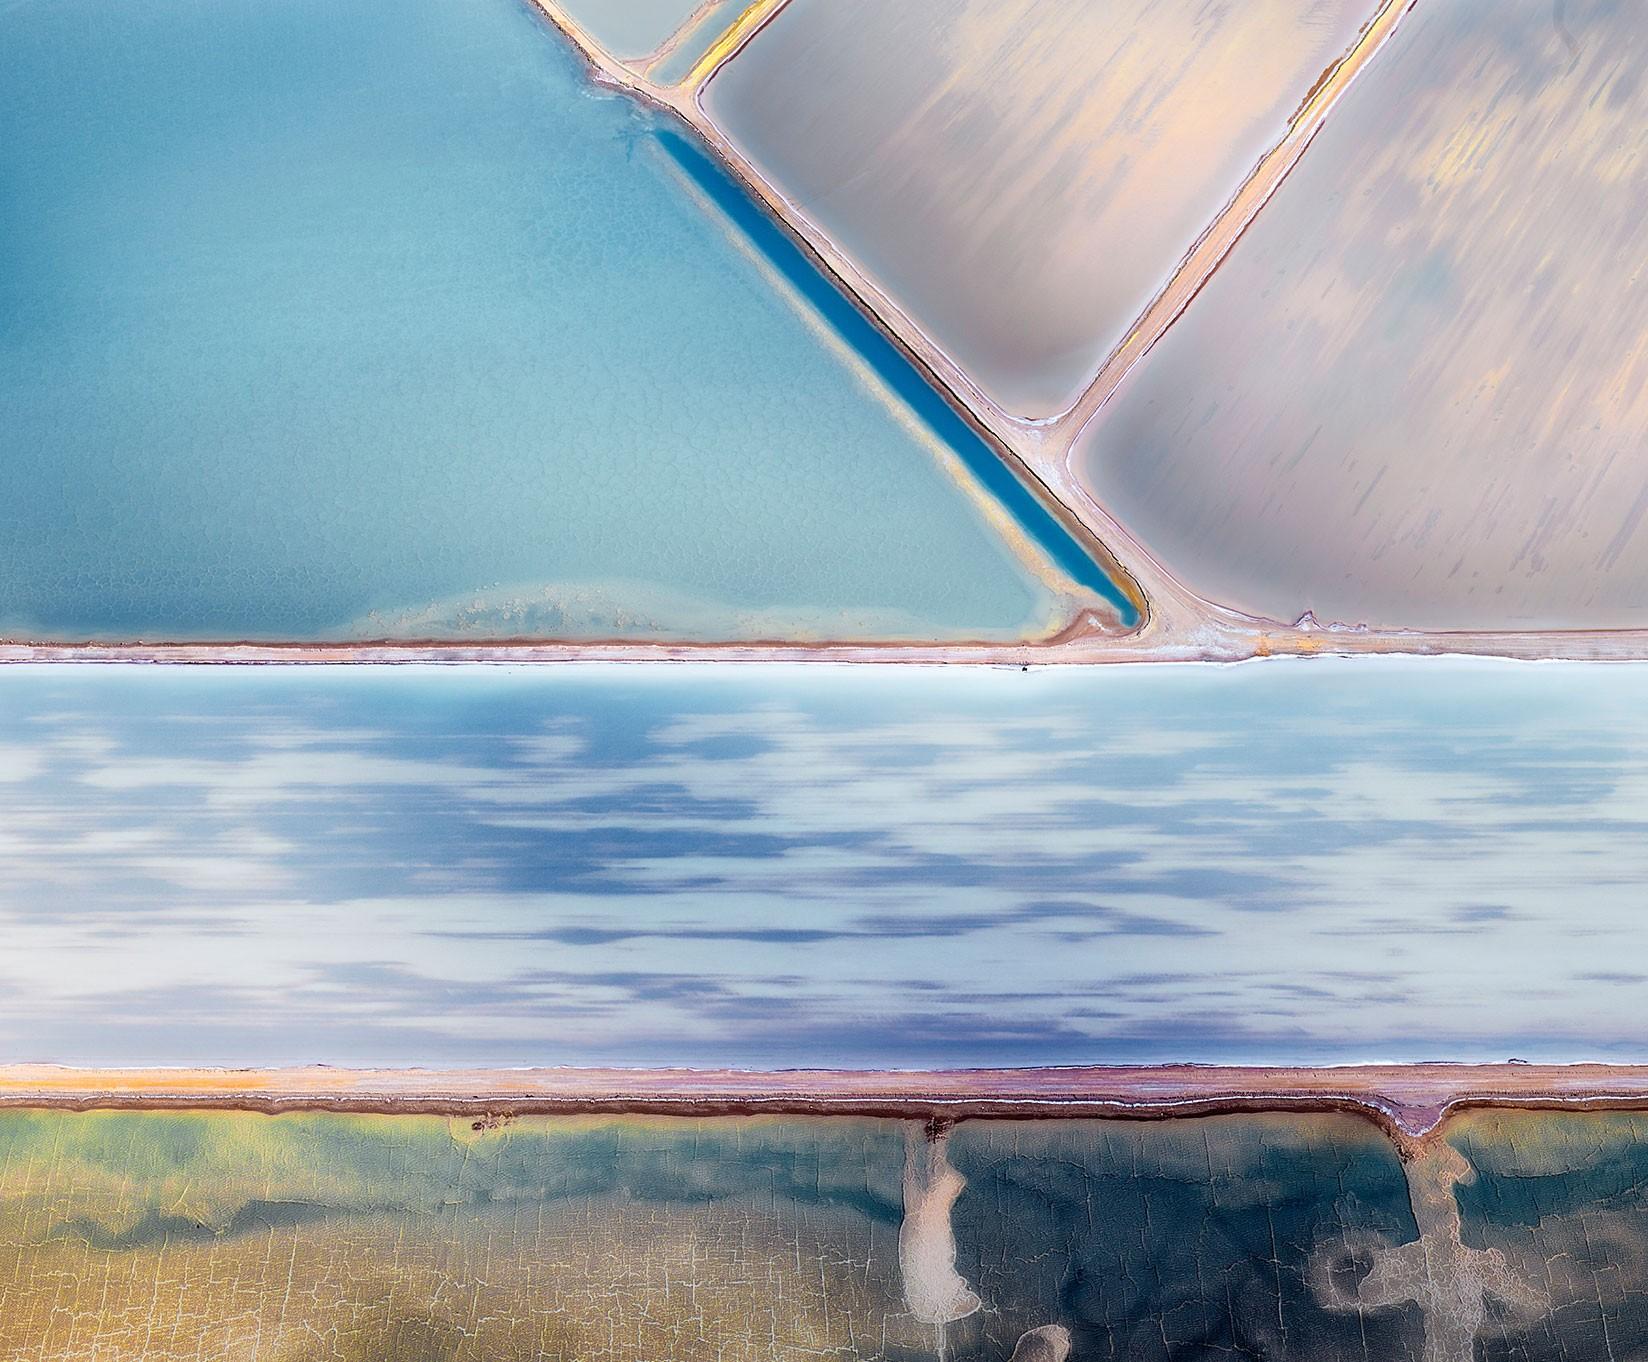 Жизнь — соль: подборка редких фото природы (10 фото)